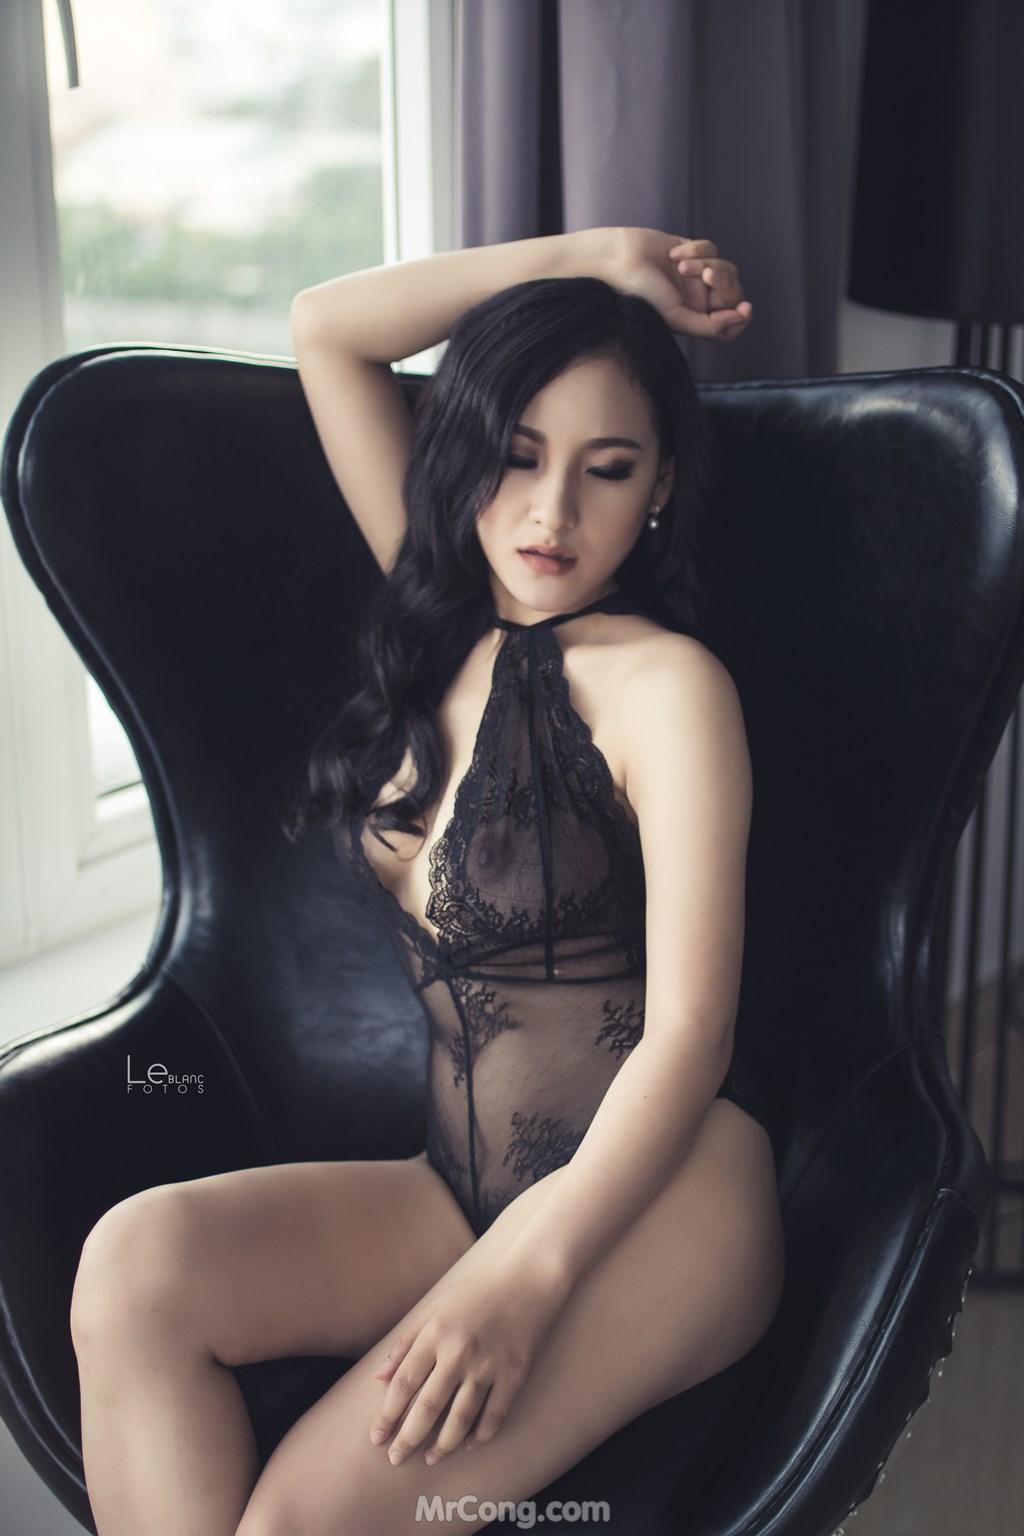 Image Sexy-Vietnamese-Models-by-Le-Blanc-Studio-Phan-3-MrCong.com-003 in post Những bức ảnh nội y, bikini siêu nóng bỏng của Le Blanc Studio – Phần 3 (446 ảnh)